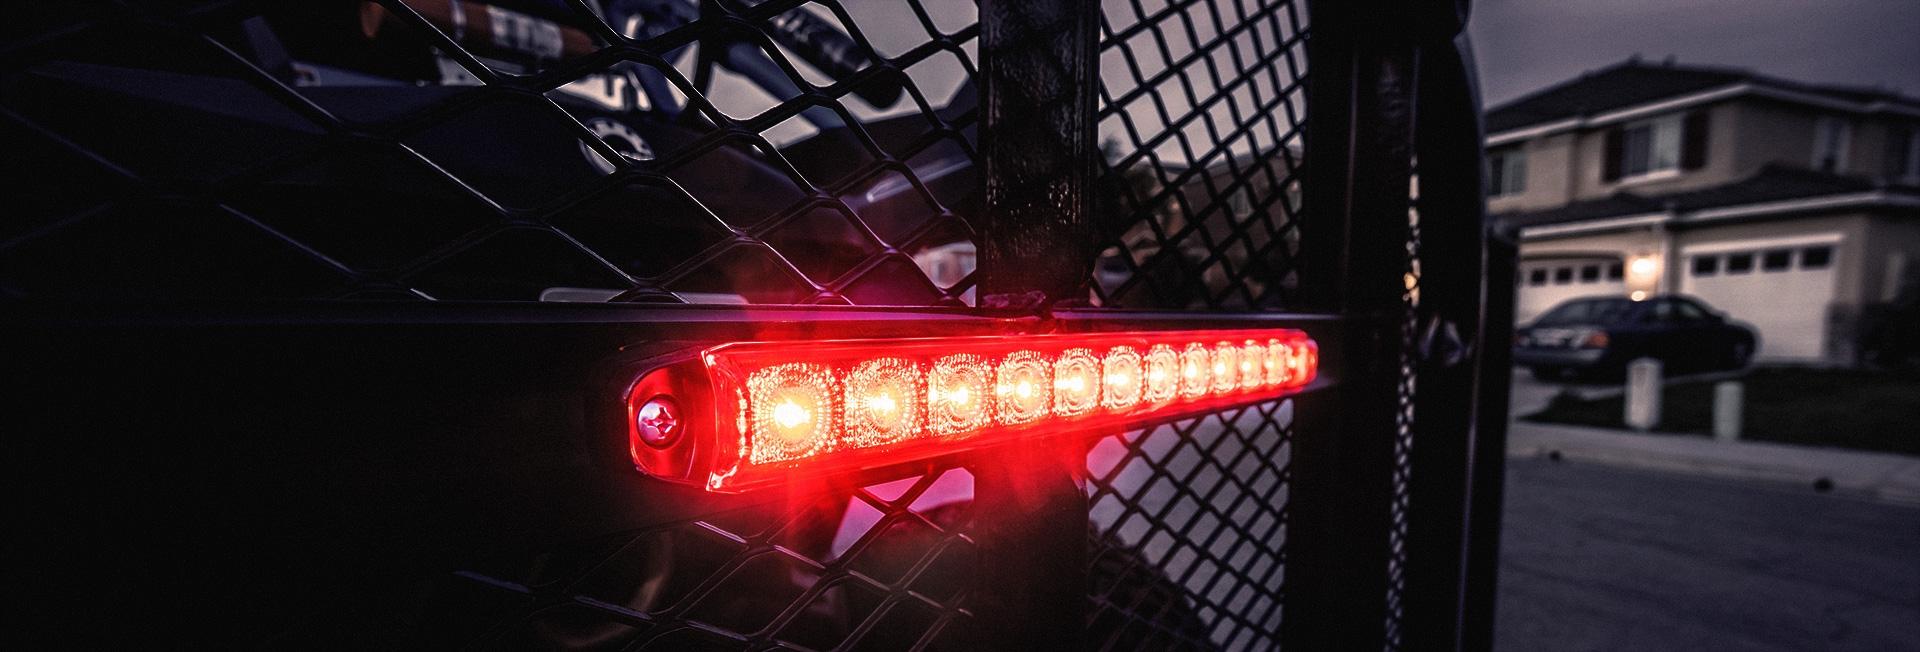 Identification Light Bar